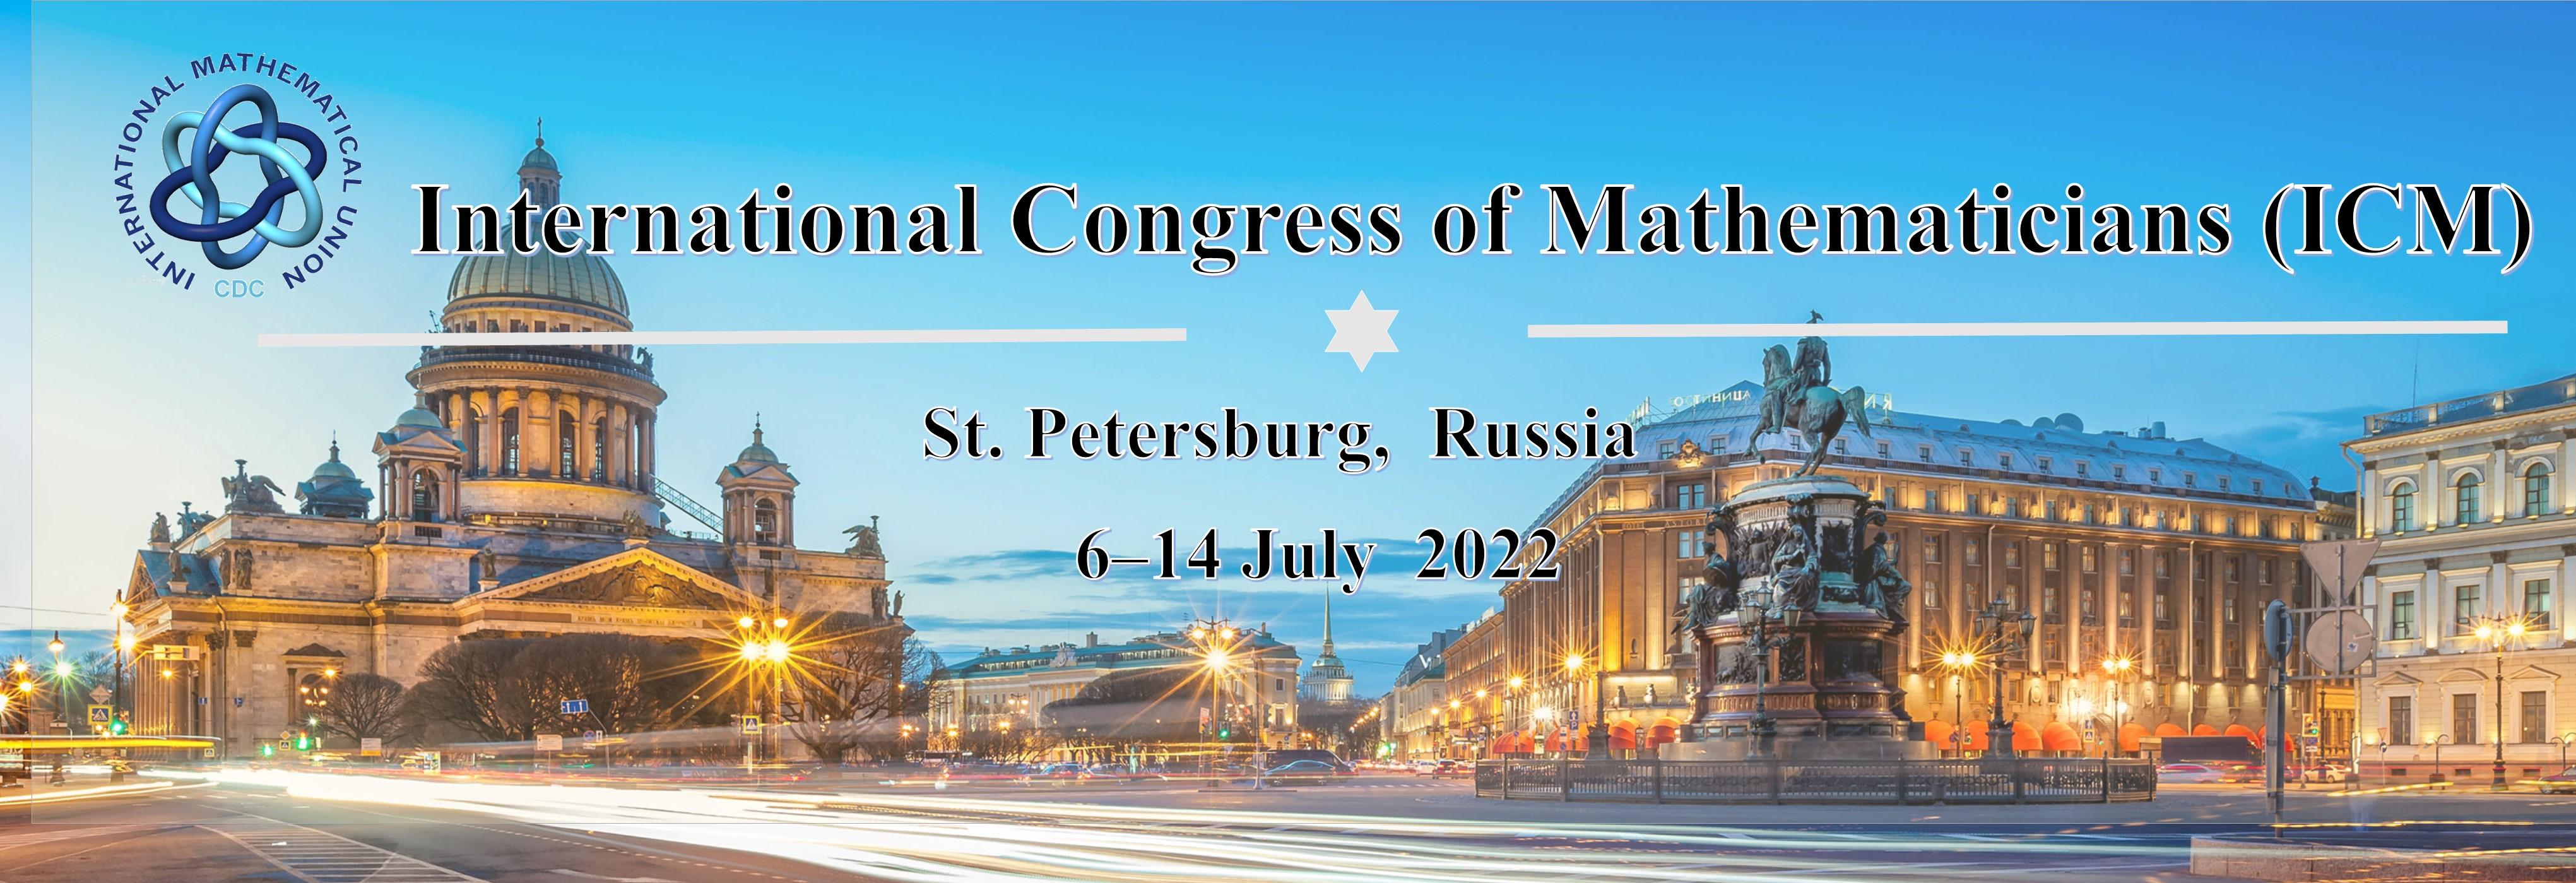 2022国际数学家大会可饶恕,圣彼得堡贯通,俄罗斯